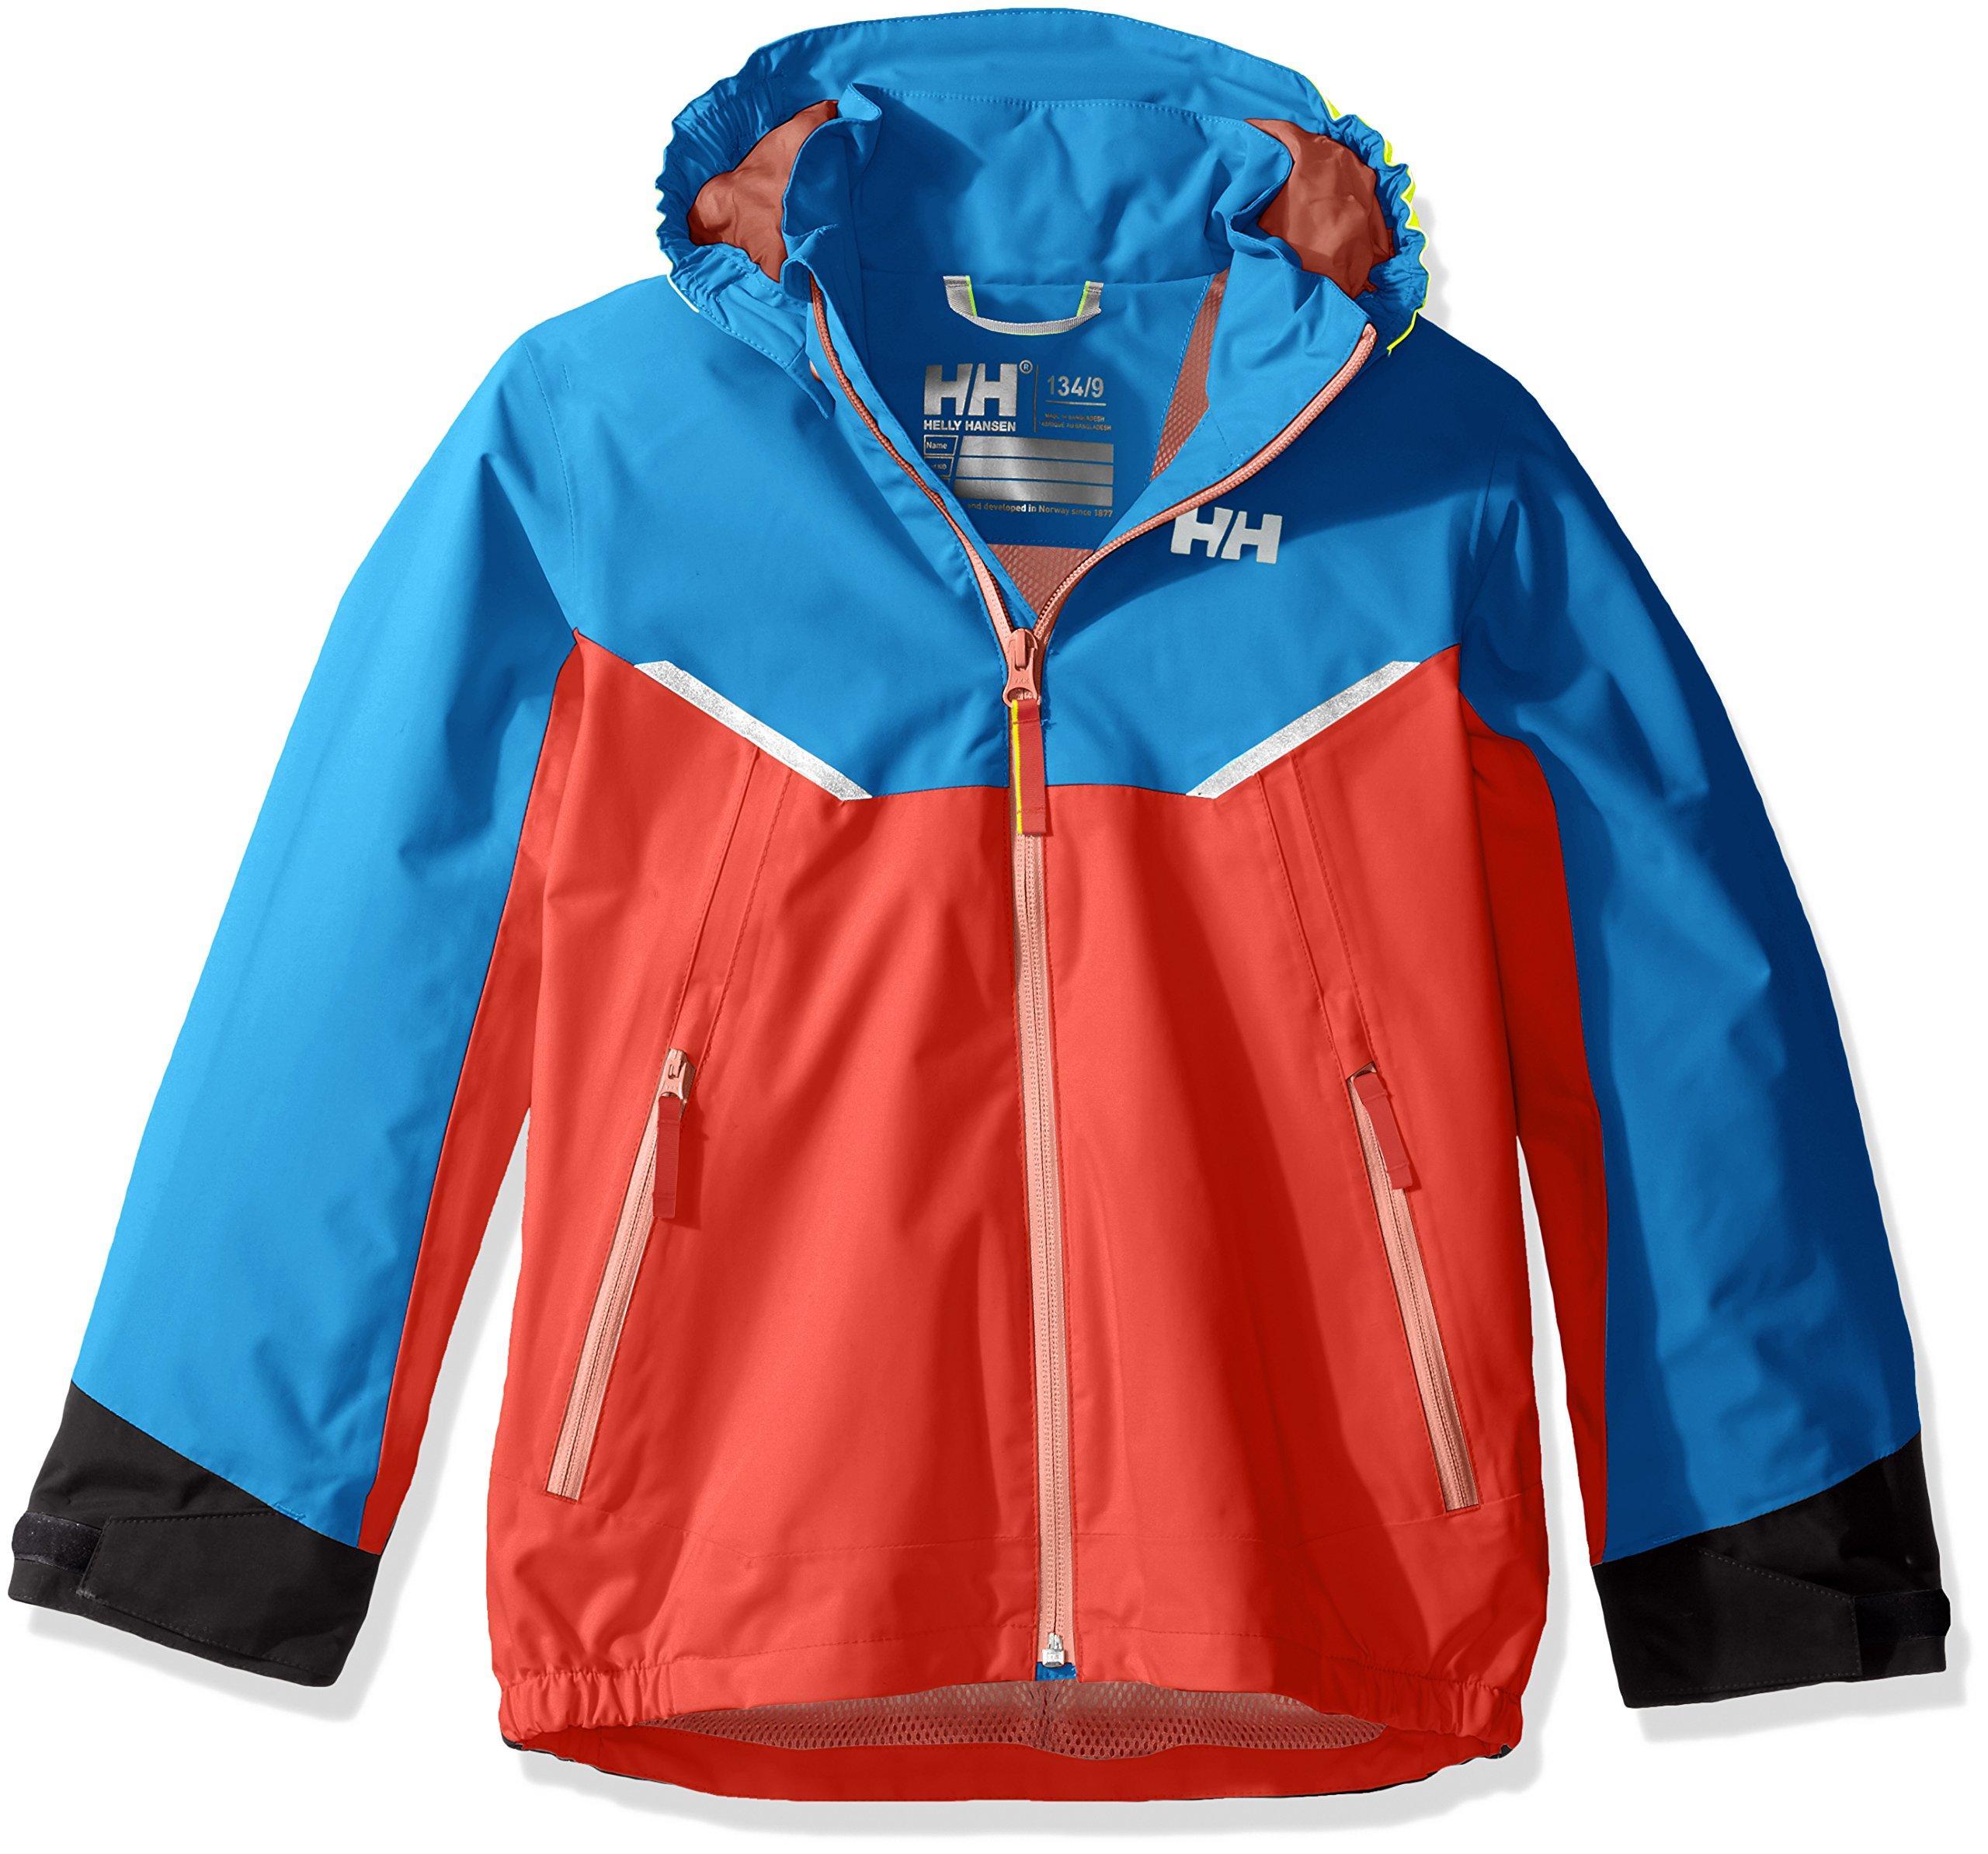 Helly Hansen Kids Shelter Waterproof Rain Jacket Coat, 102 Cayenne, Size 1